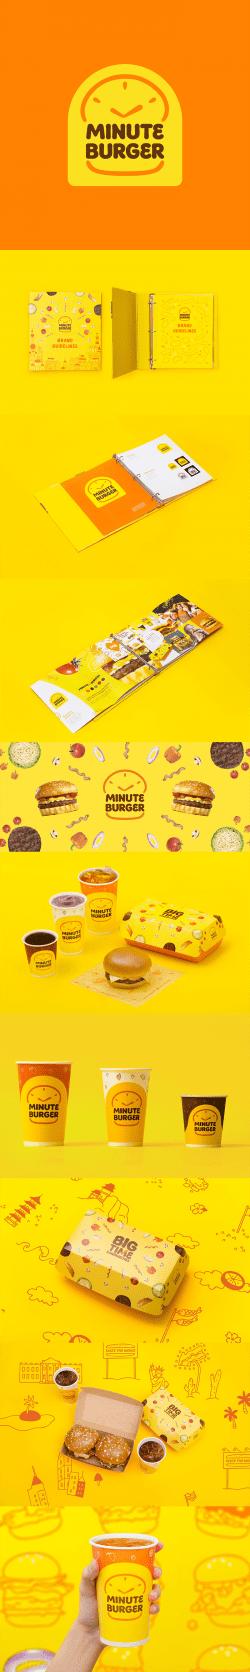 Minute Burger – Packaging Design Rebrand